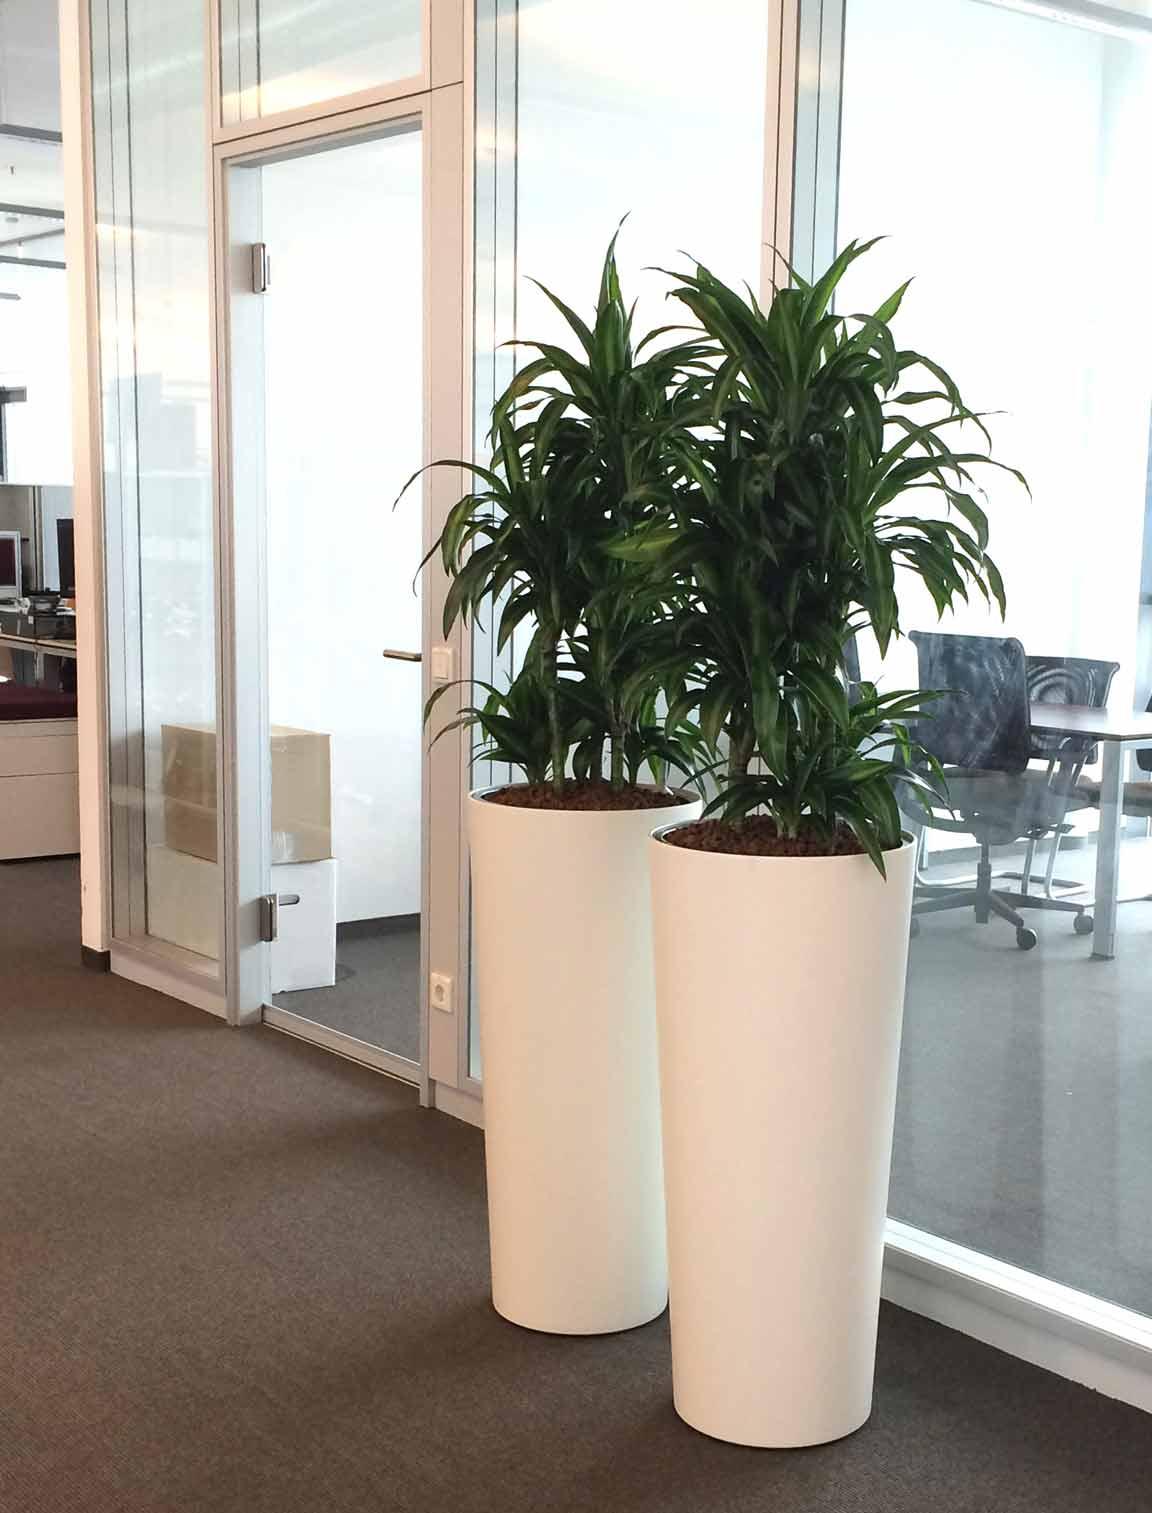 Pflanzvase mit Hydrokultur bepflanzt, Büropflanze Dracaena, akzente raumbegrünung